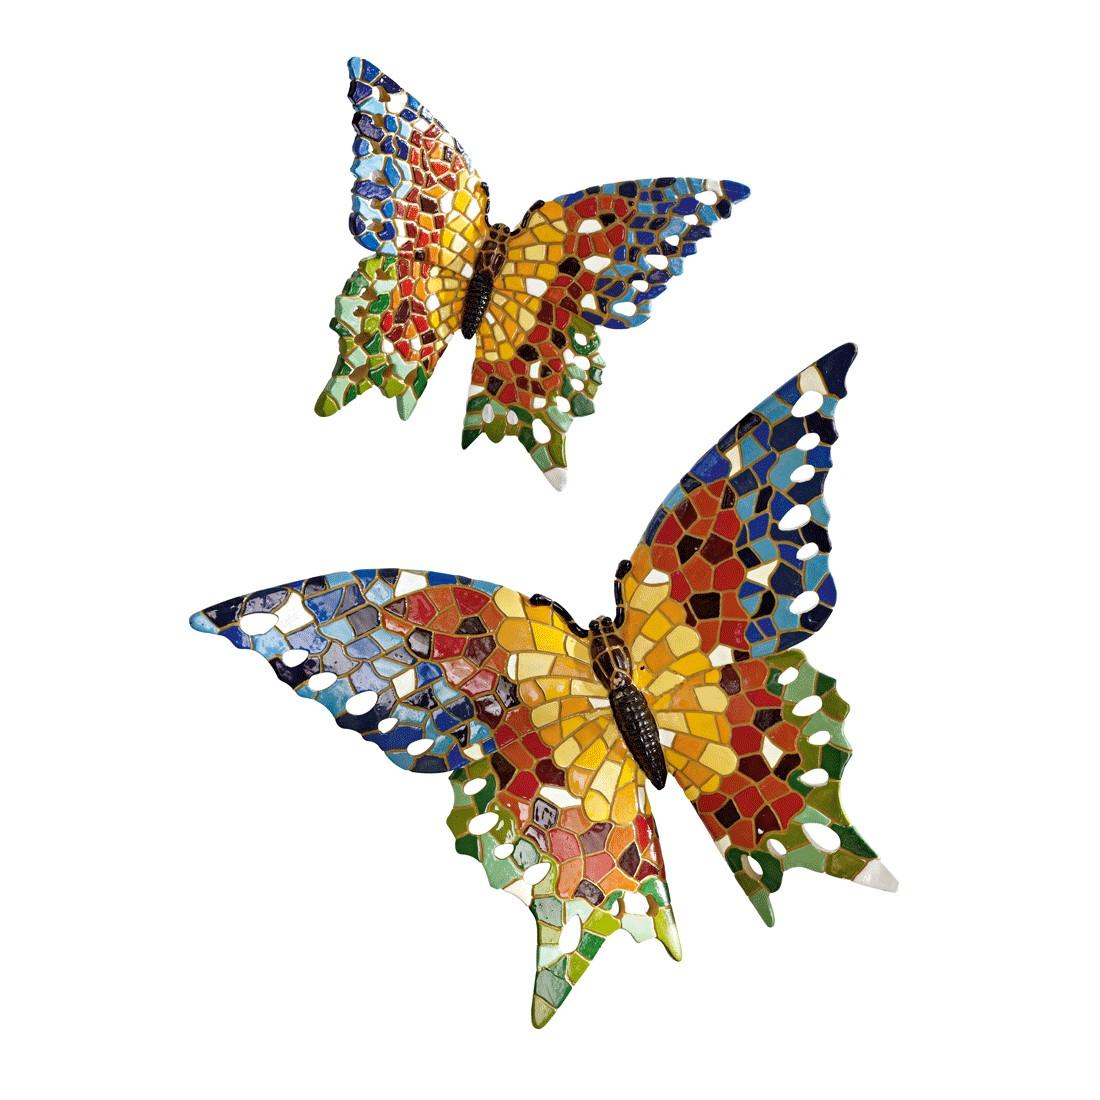 Deko-Schmetterling Mosaik 2-teilig – Kunststein – Bunt, PureDay günstig bestellen